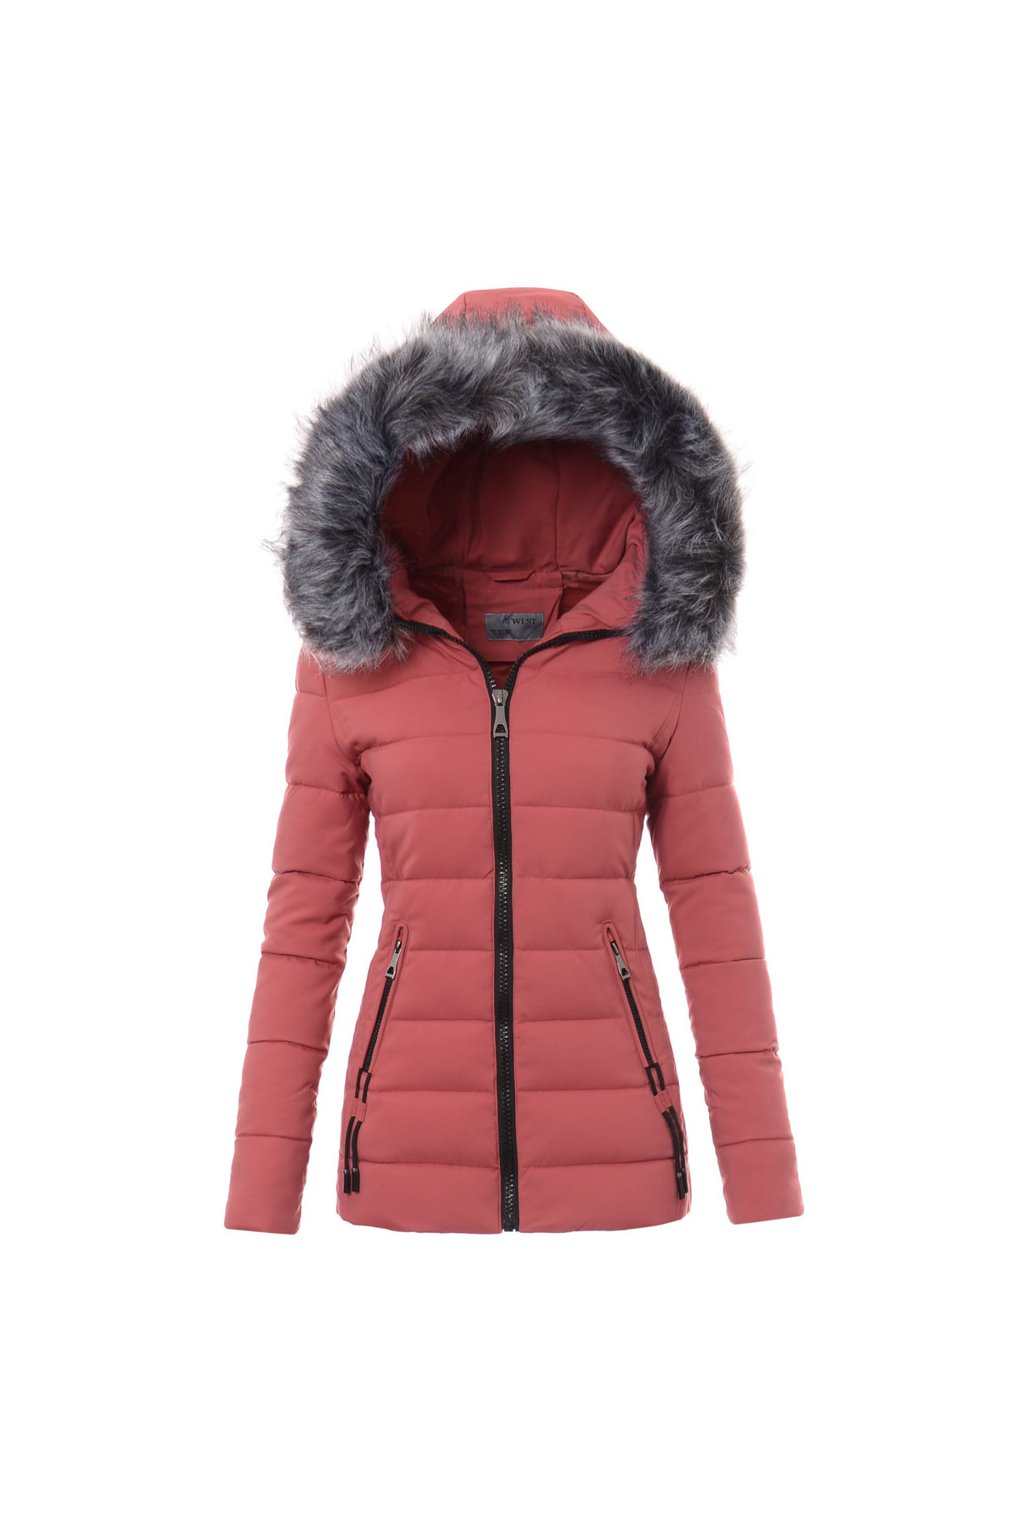 Dámska zimná bunda s kapucňou 3461 ružová